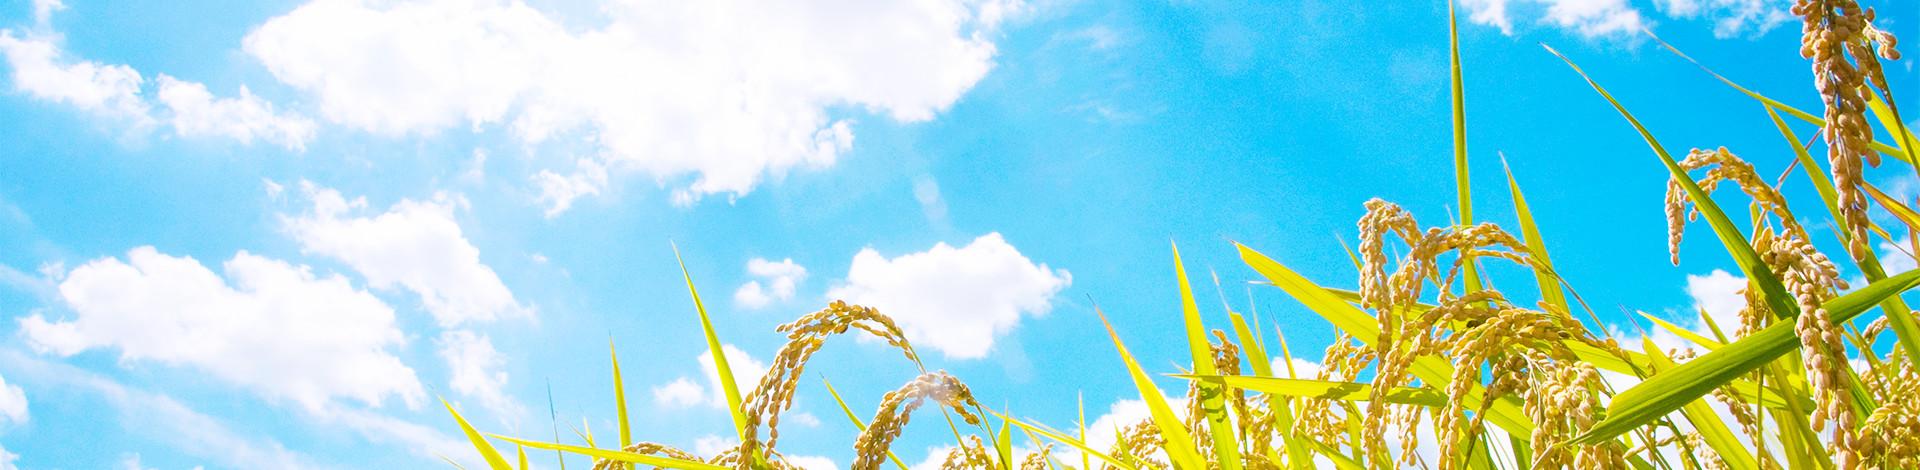 日本古来から愛され続ける竹と米から生まれる酵素のあたたかさ